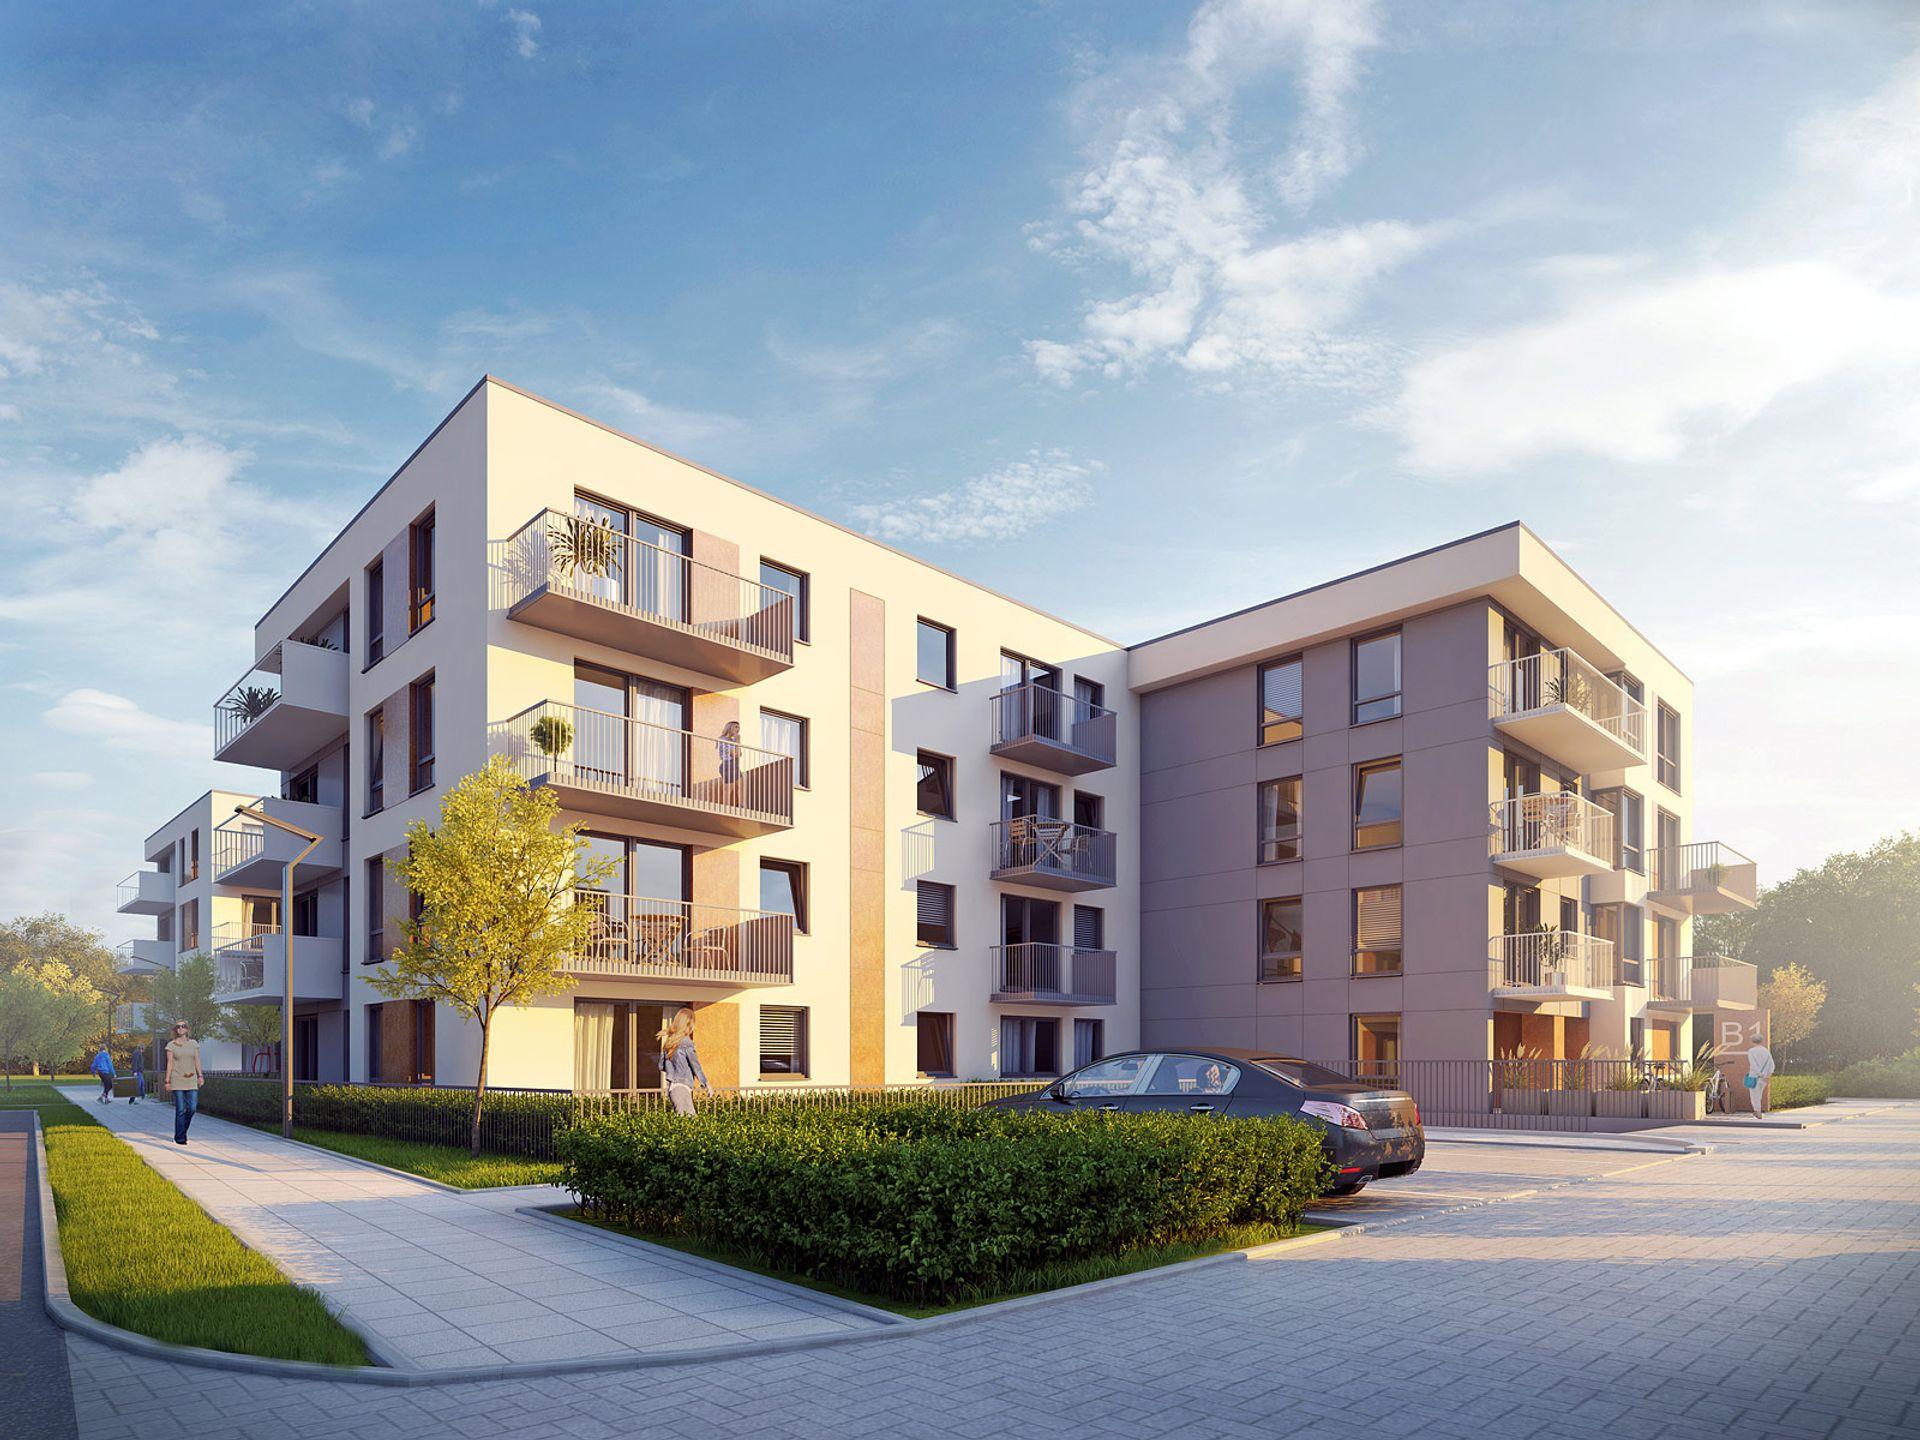 [pomorskie] Mieszkania na osiedlu Debiut dostępne w ramach programu MdM